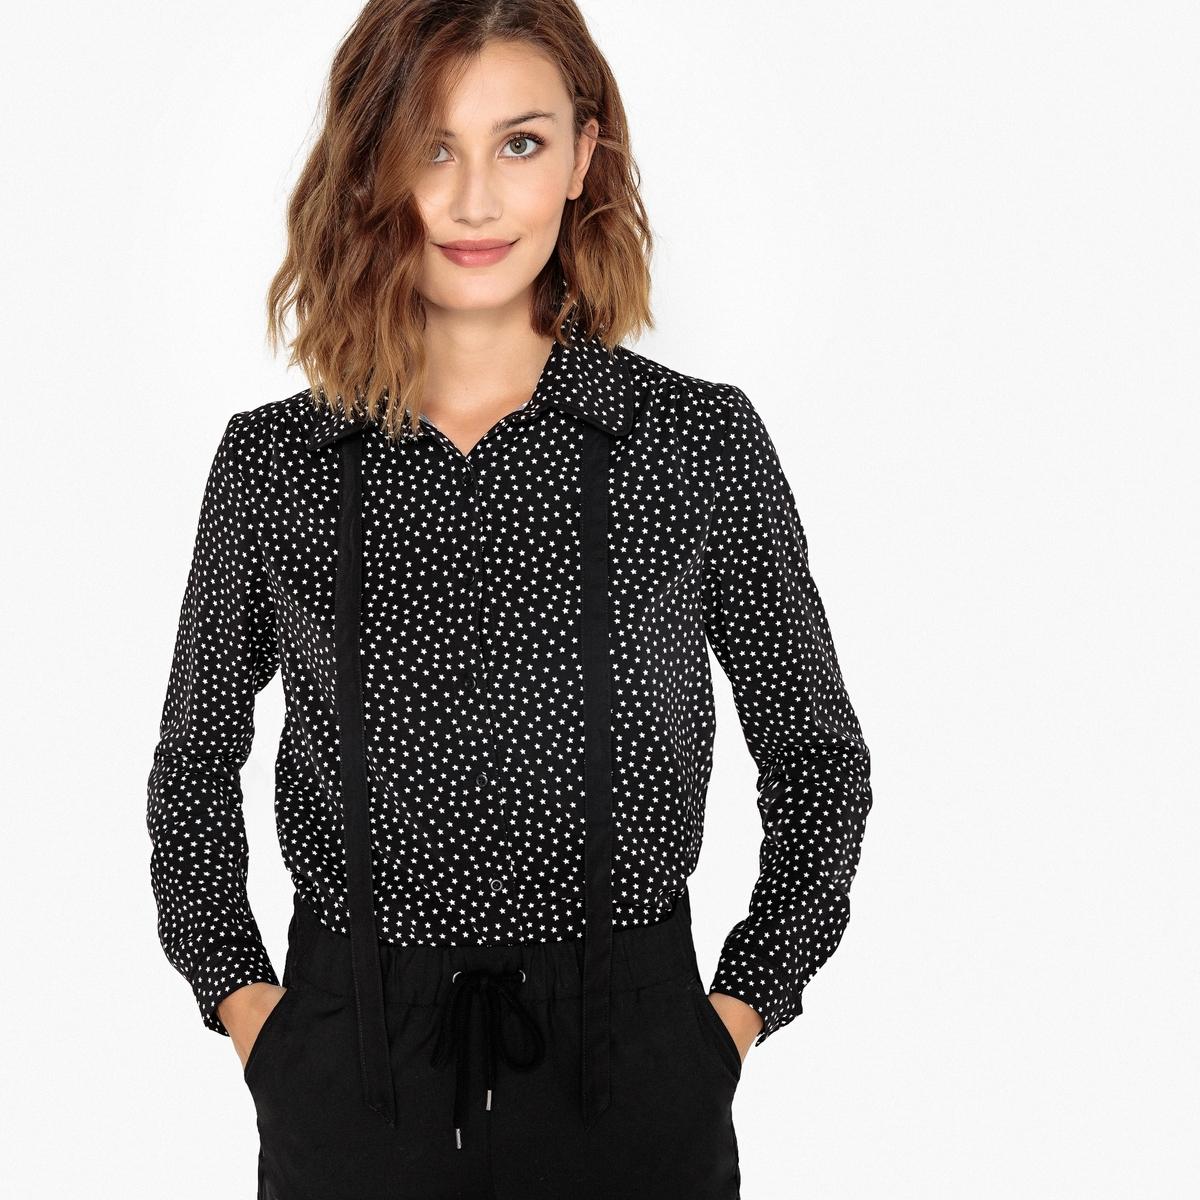 Рубашка с отложным воротником с рисунком рубашка smalto рубашки и сорочки с отложным воротником